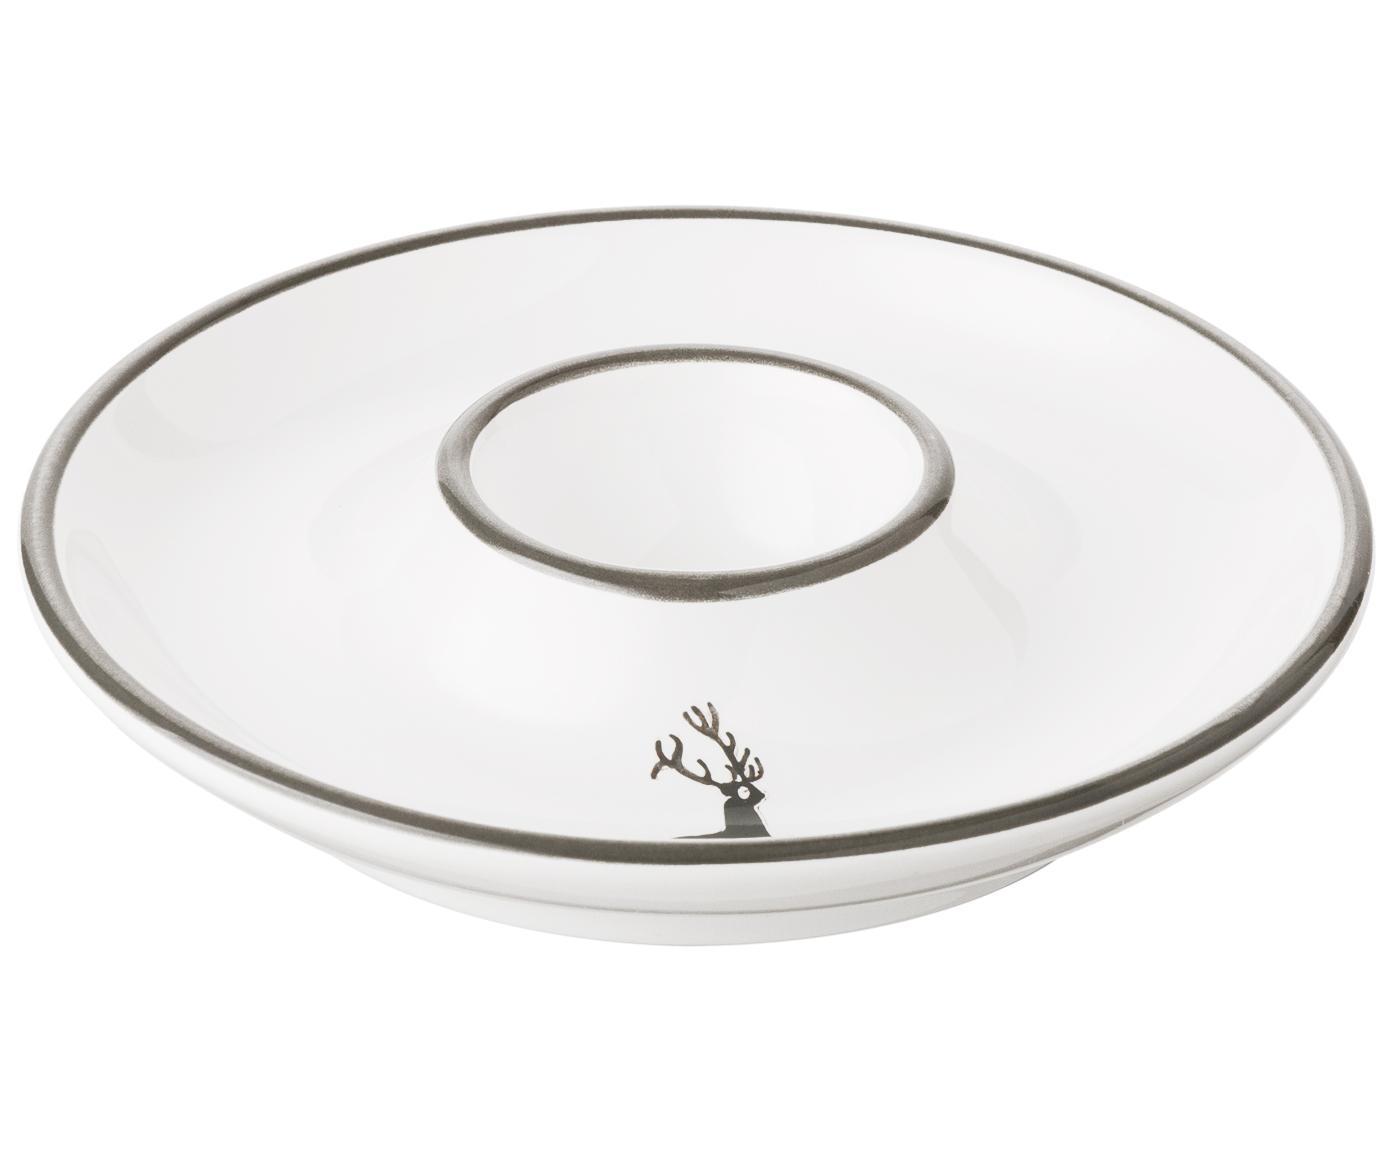 Soporte de huevo Classic Grauer Hirsch, Cerámica, Gris, blanco, Ø 12 cm